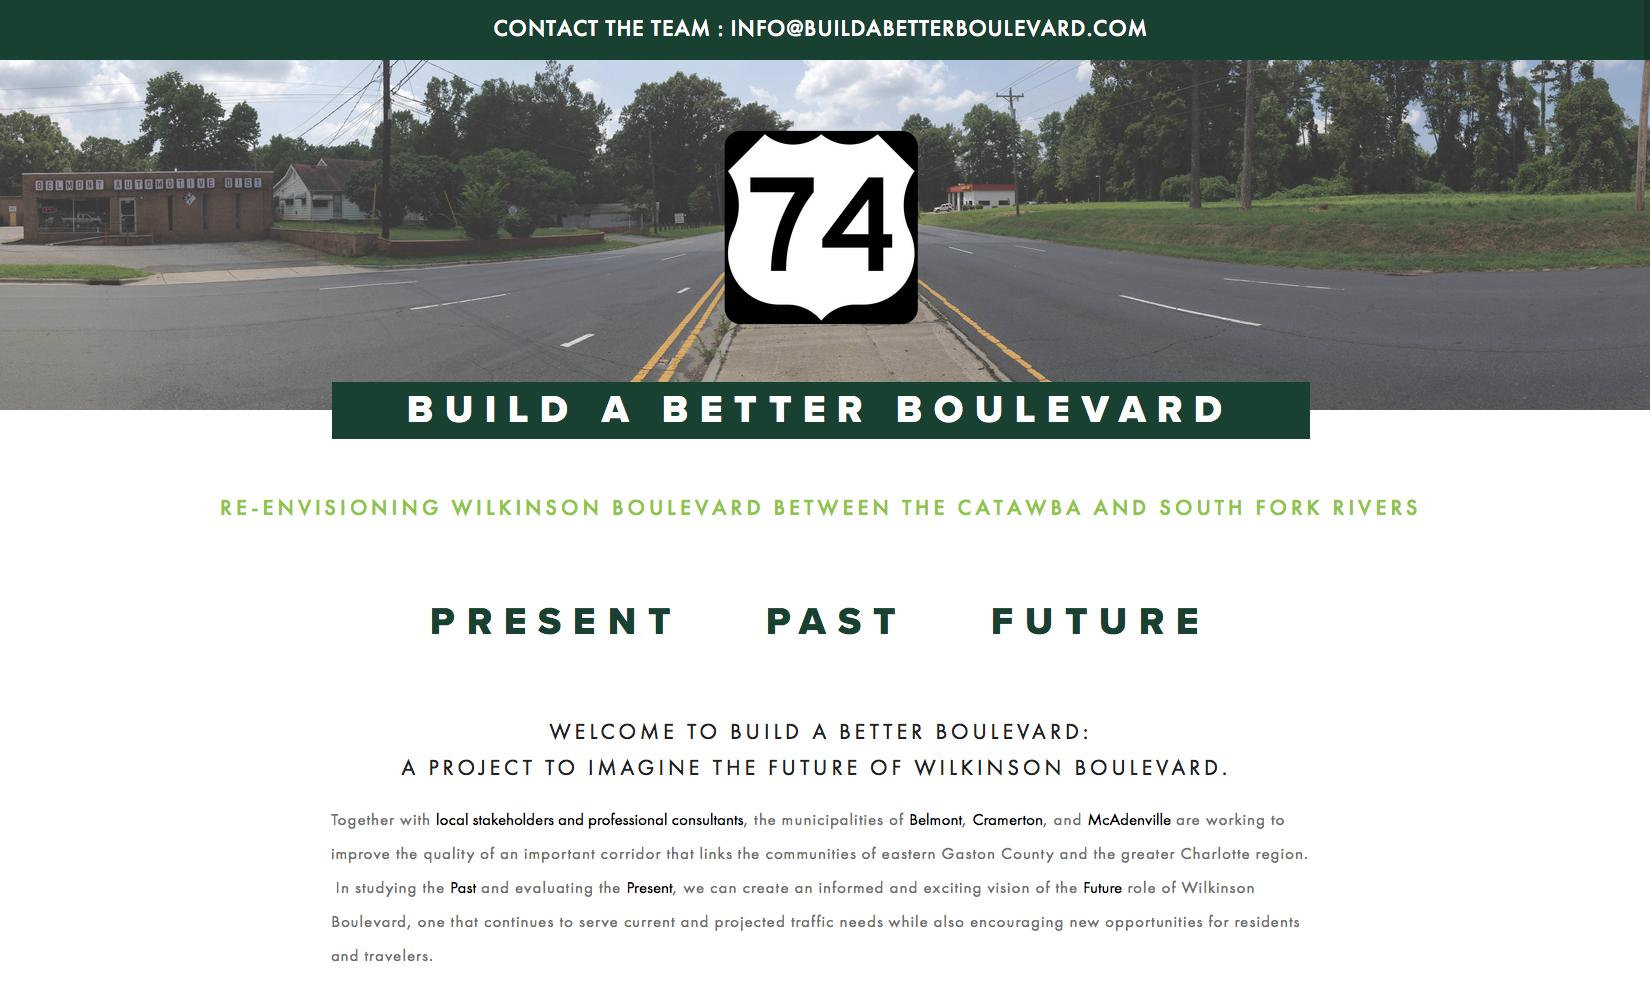 Build a Better Boulevard website